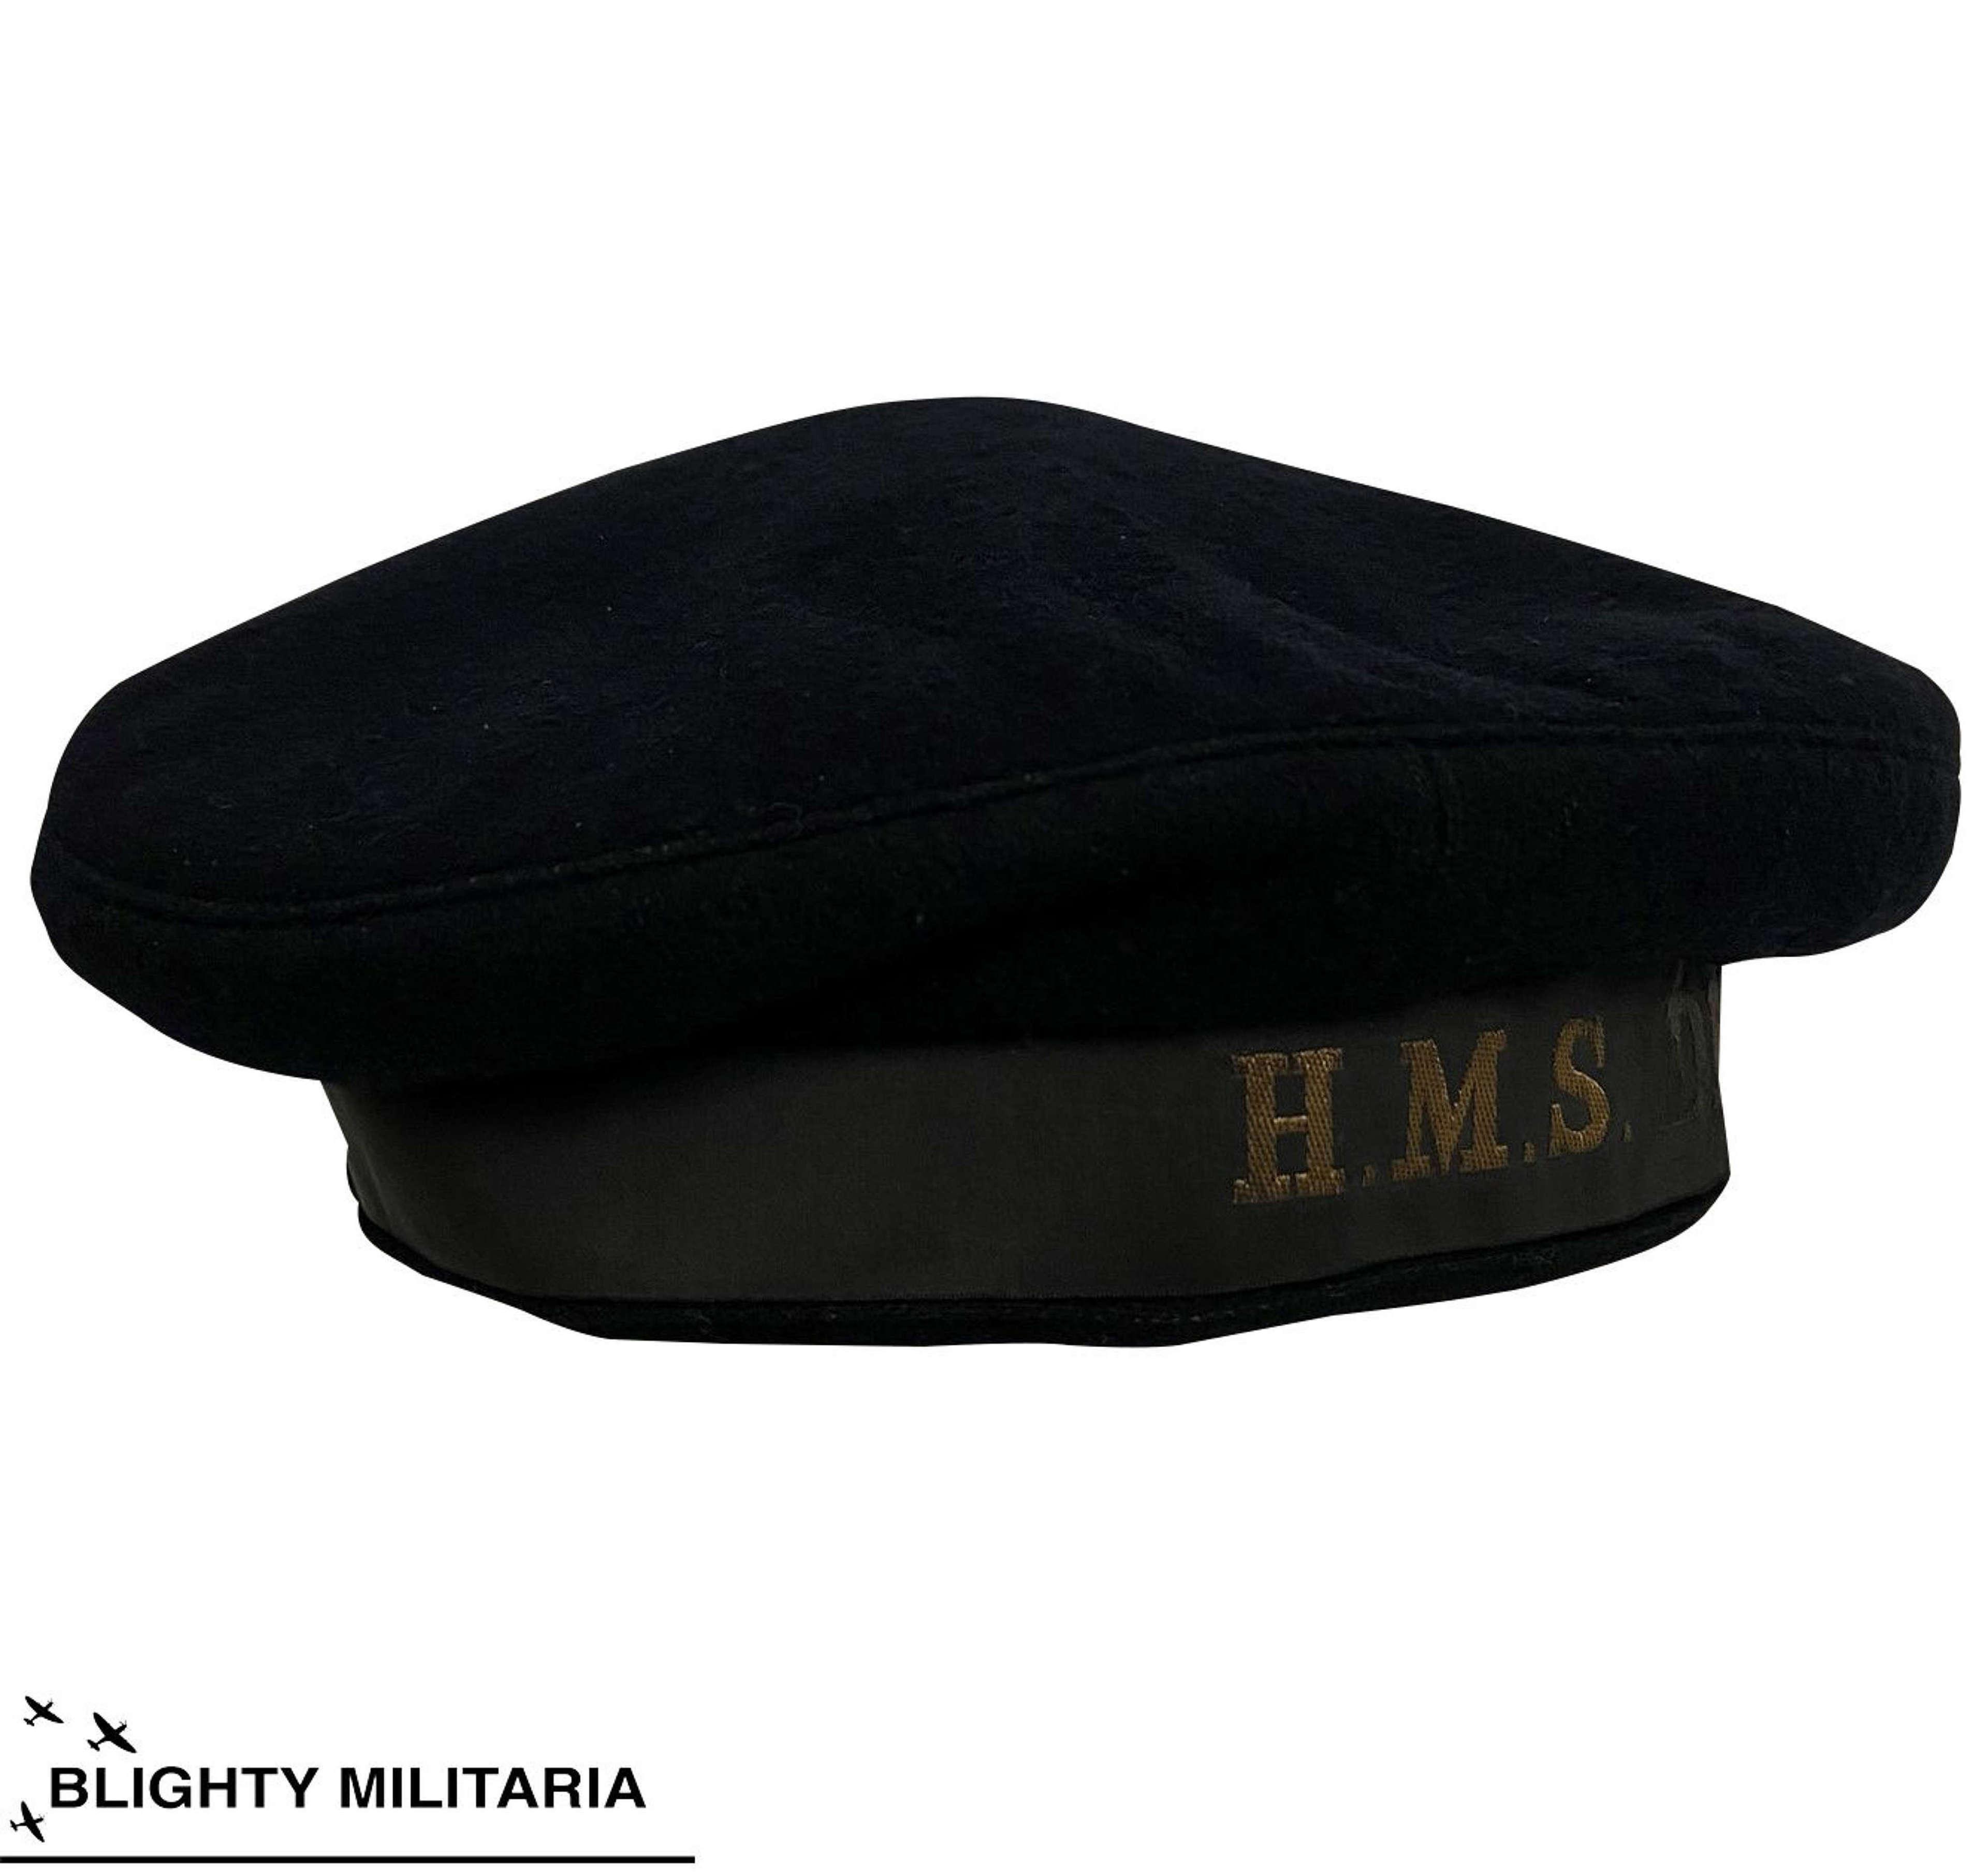 Original WW2 W.R.N.S Ratings Cap - HMS Drake